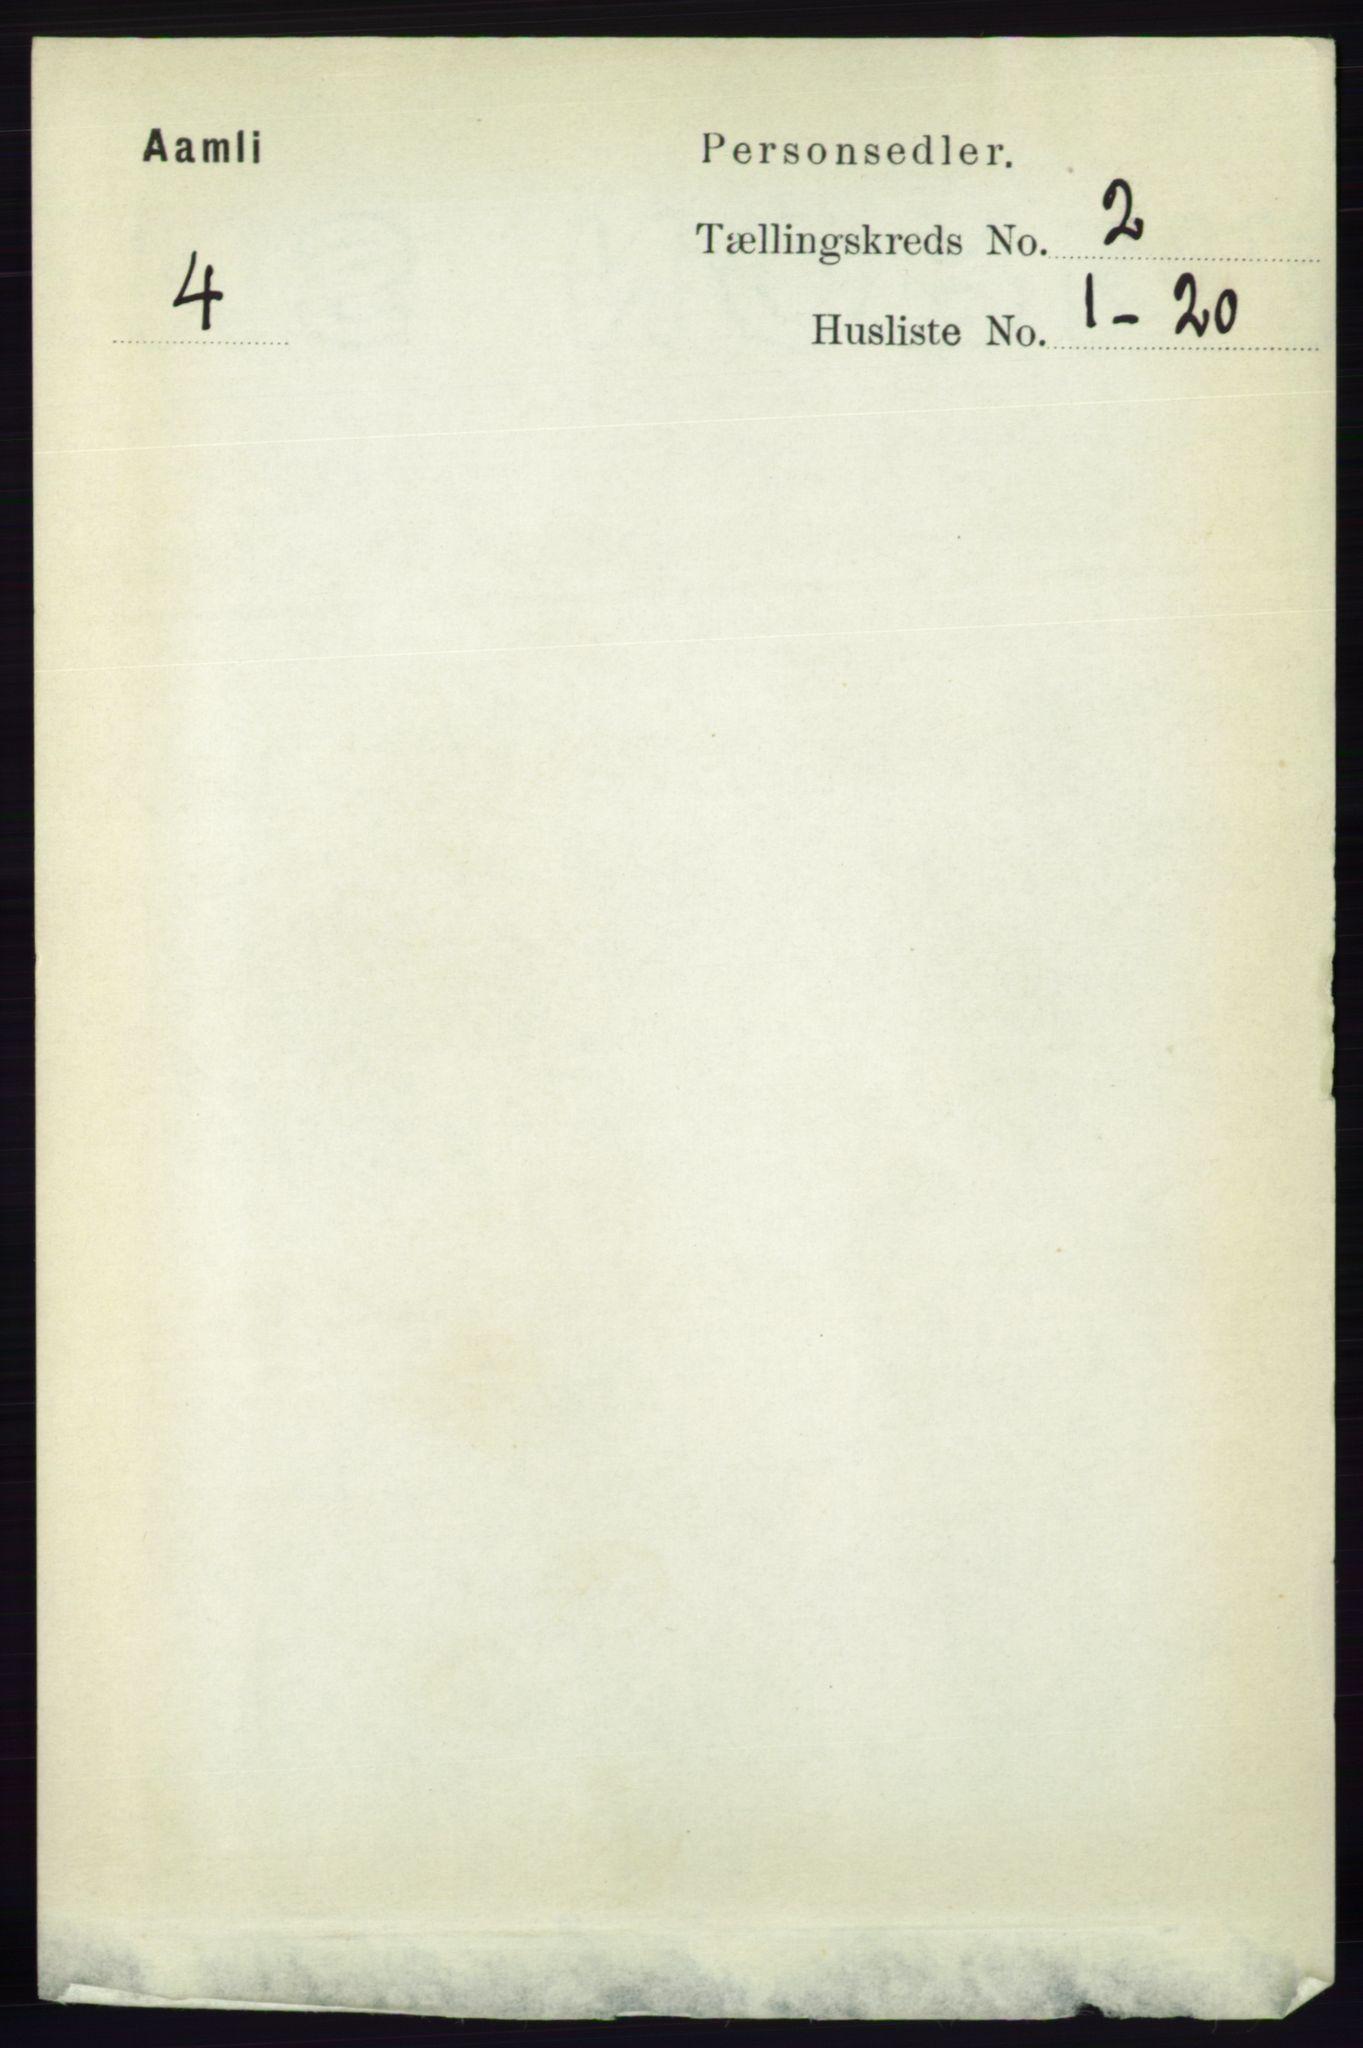 RA, Folketelling 1891 for 0929 Åmli herred, 1891, s. 169